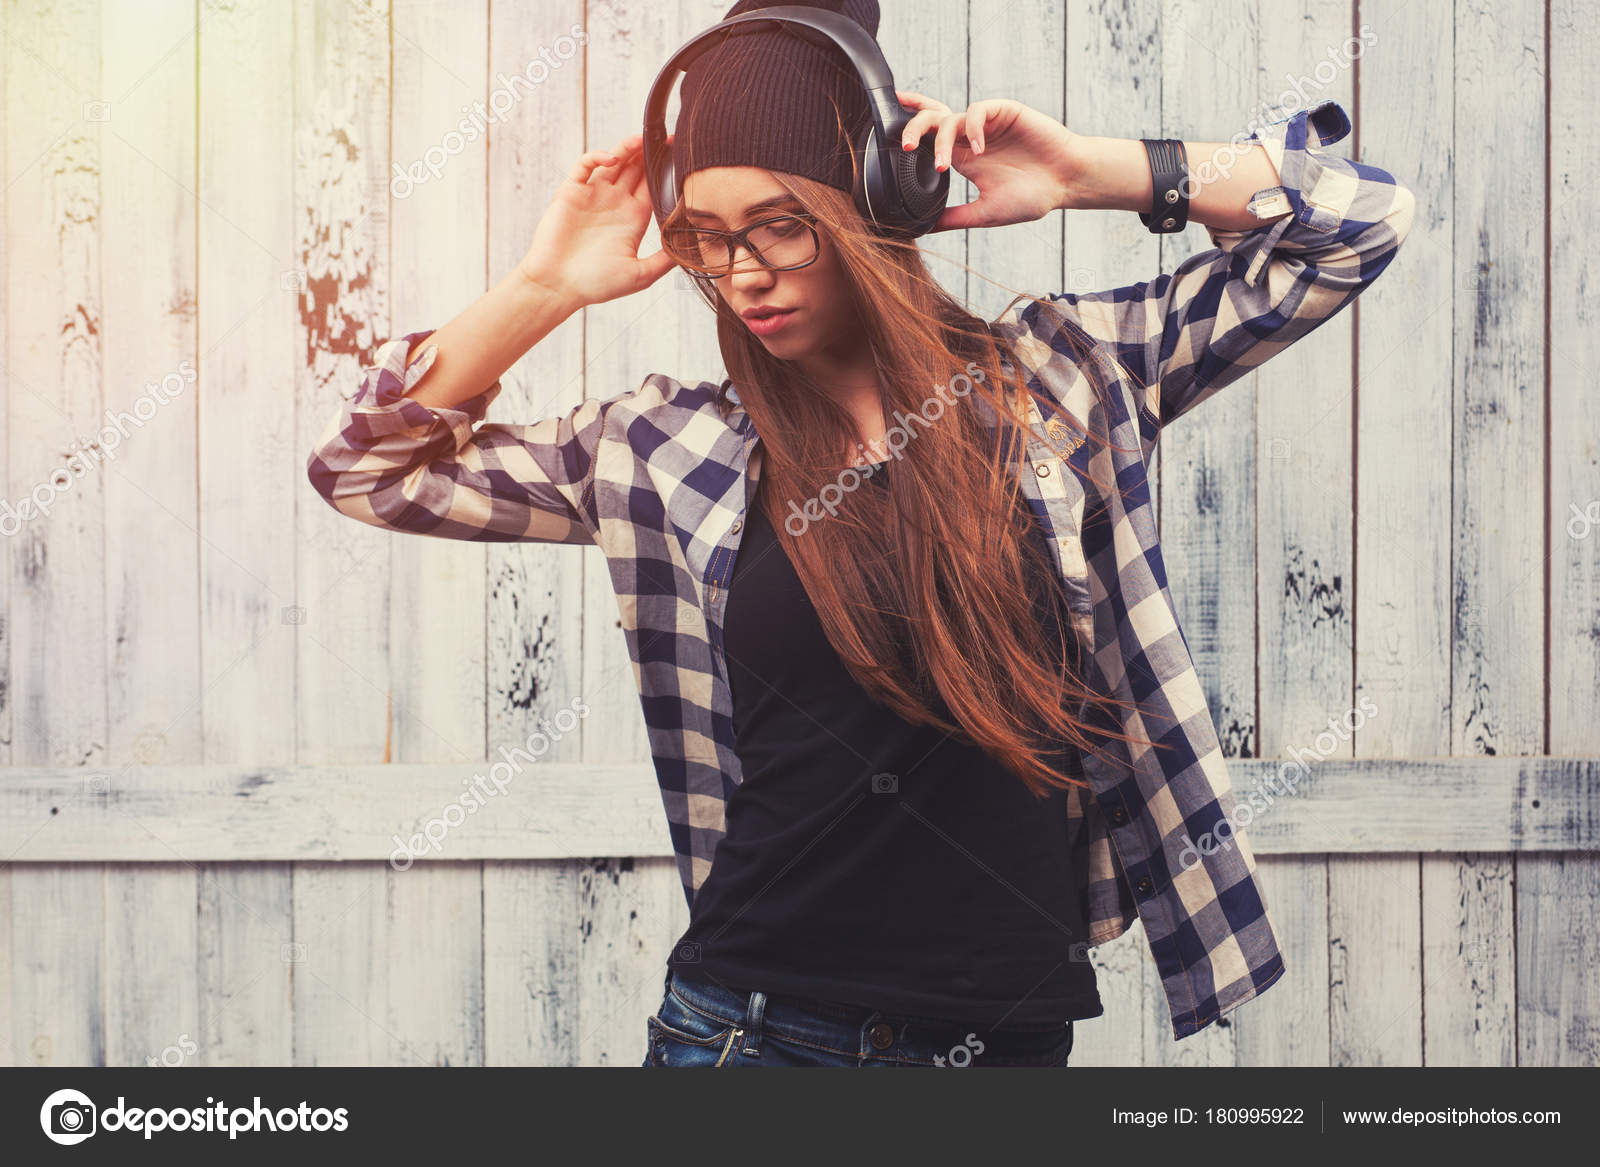 351ce326cfa Hipster girl in glasses